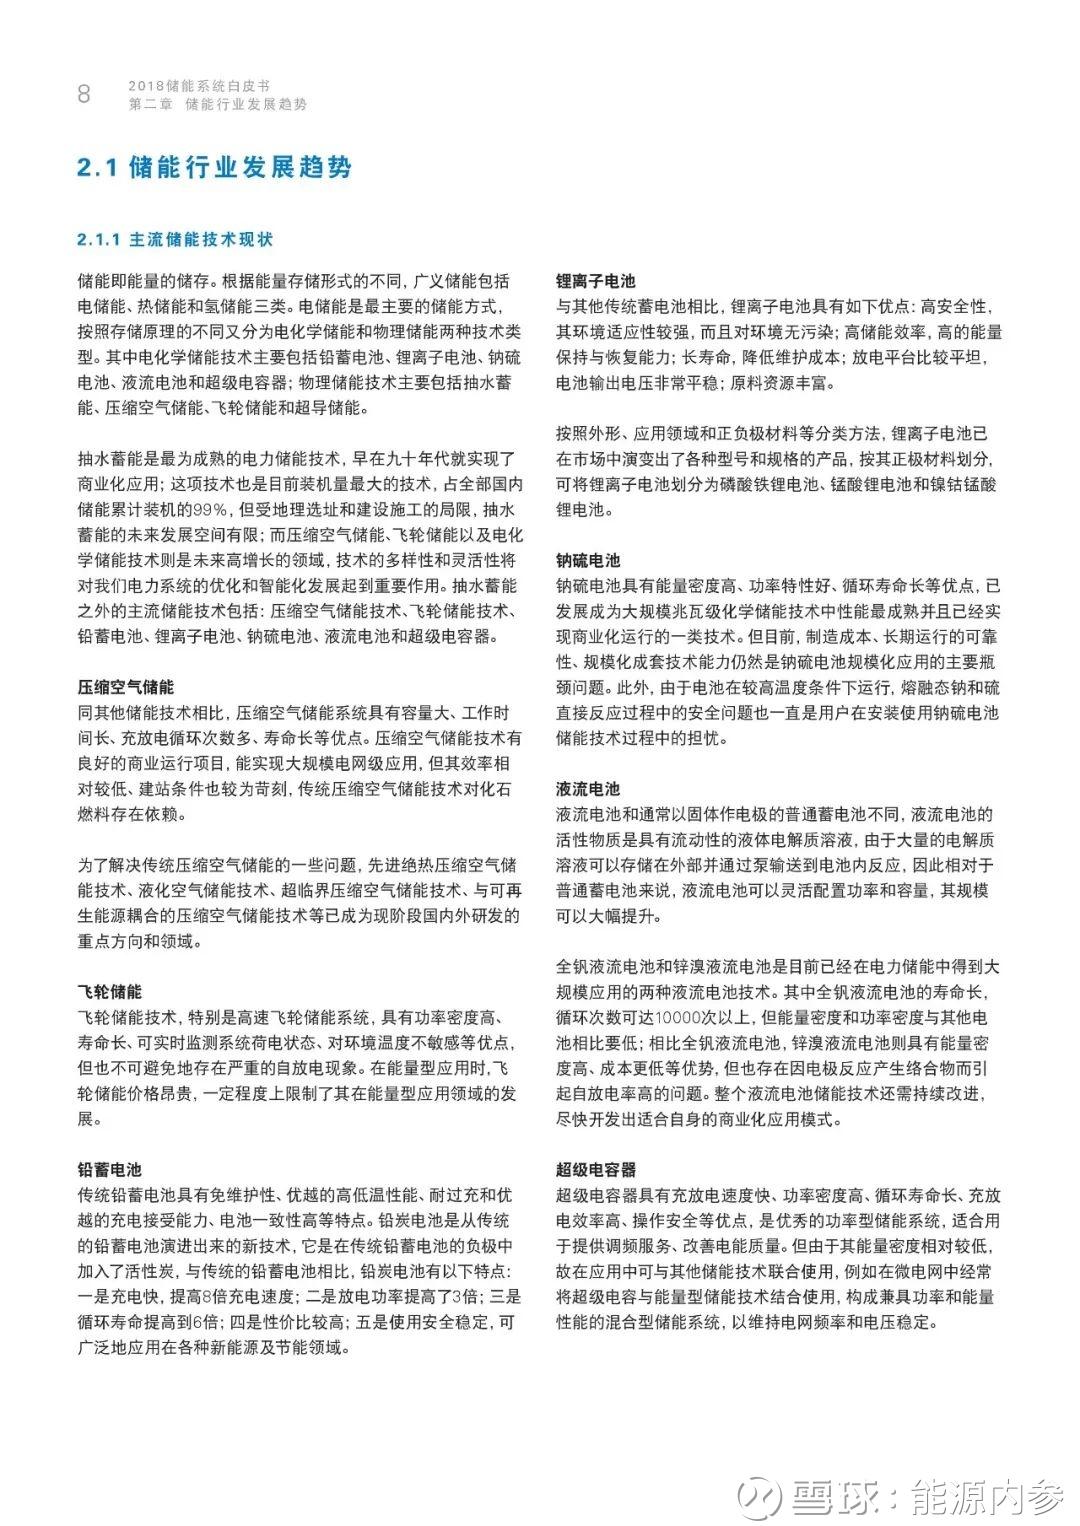 源视频:2018储象棋白皮书建议横屏观内参系统v视频图片